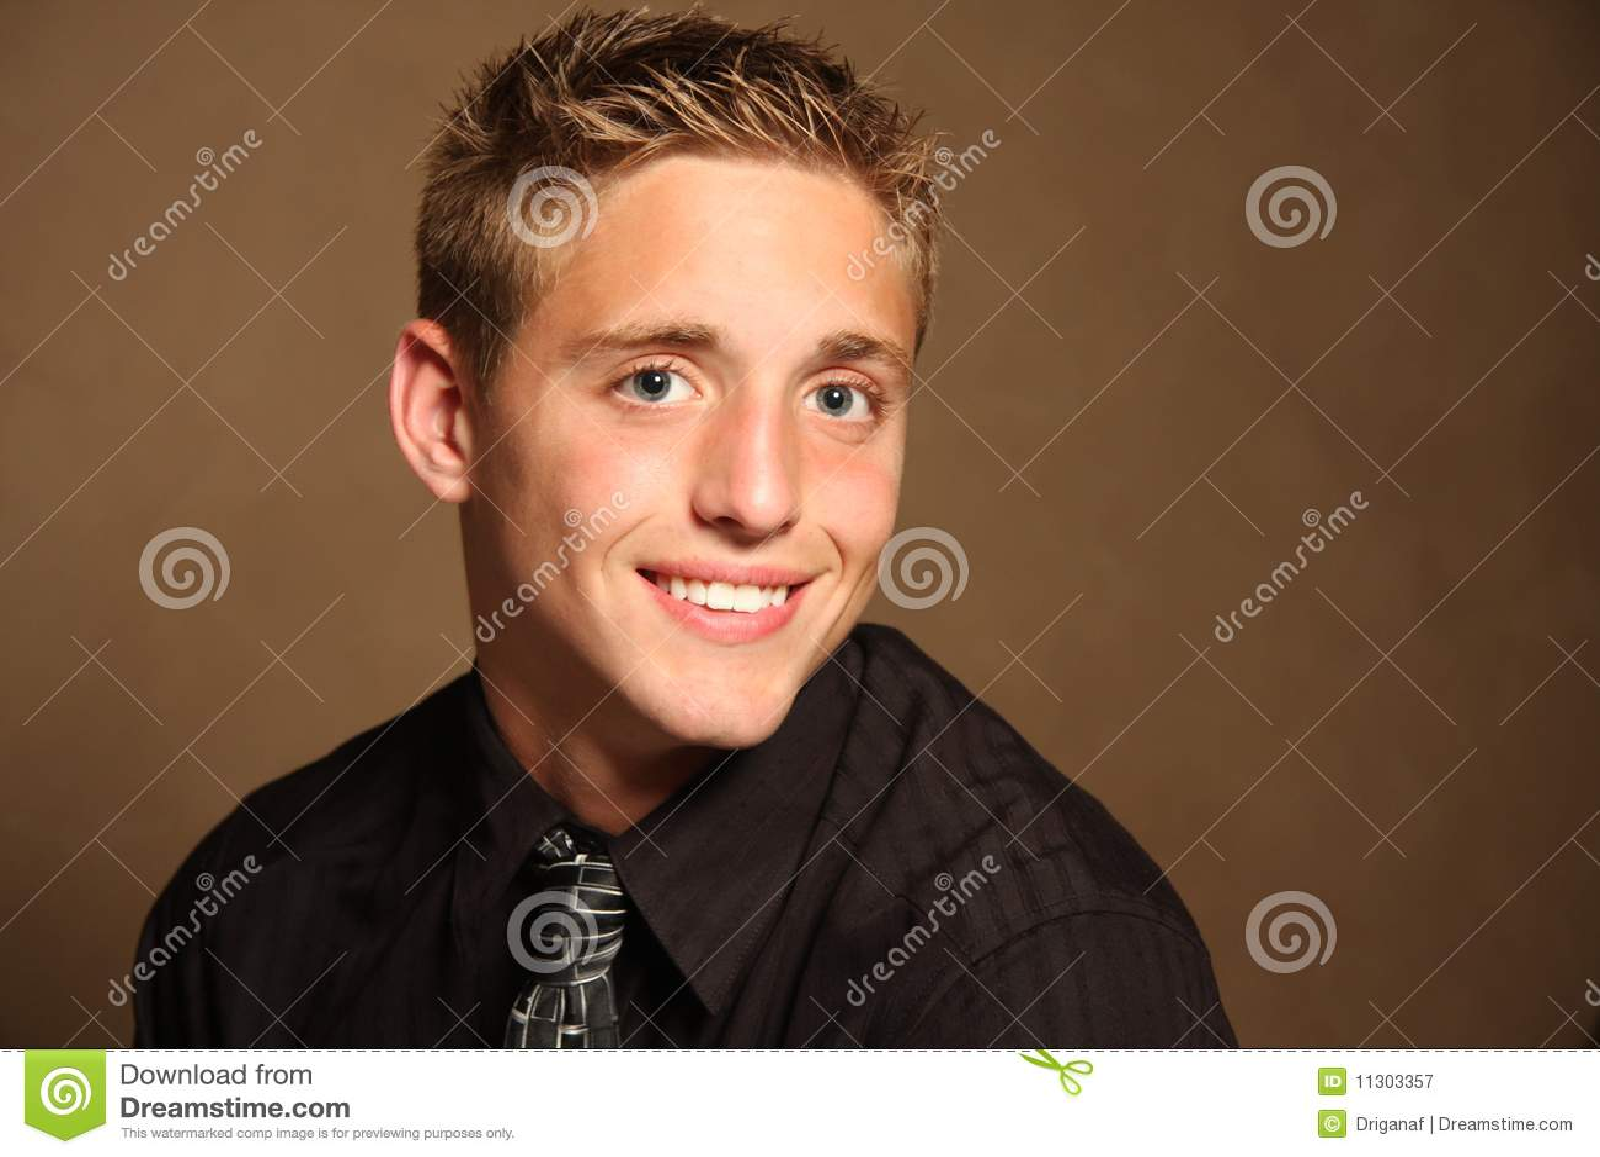 Portrait des stattlichen jungen Mannes